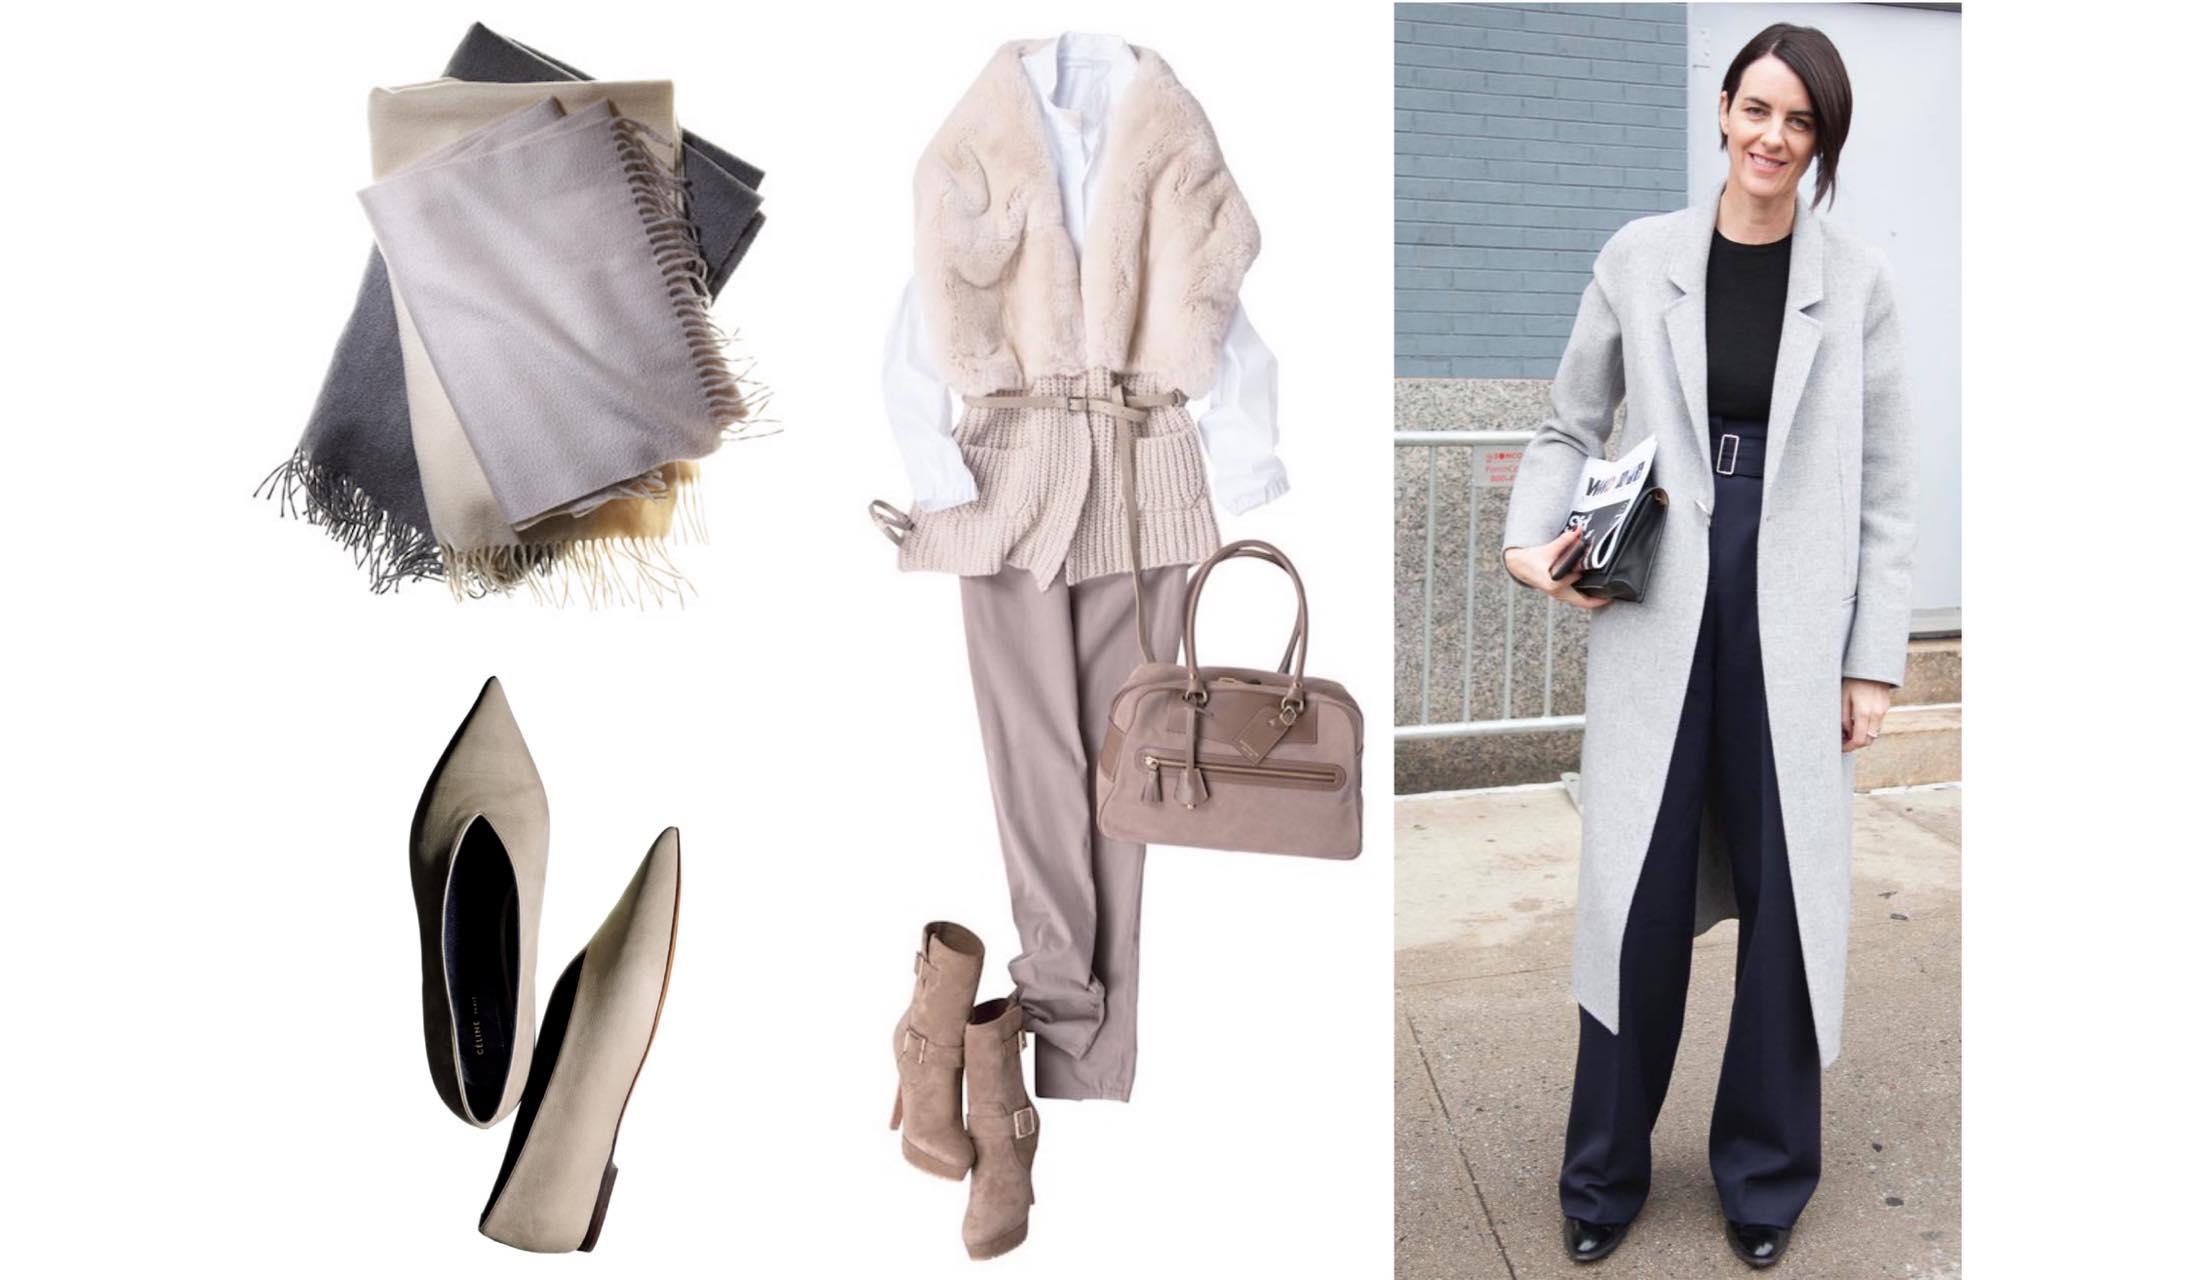 ニュアンスカラーの靴やスカーフ、ストリートスナップやコーディネートの写真